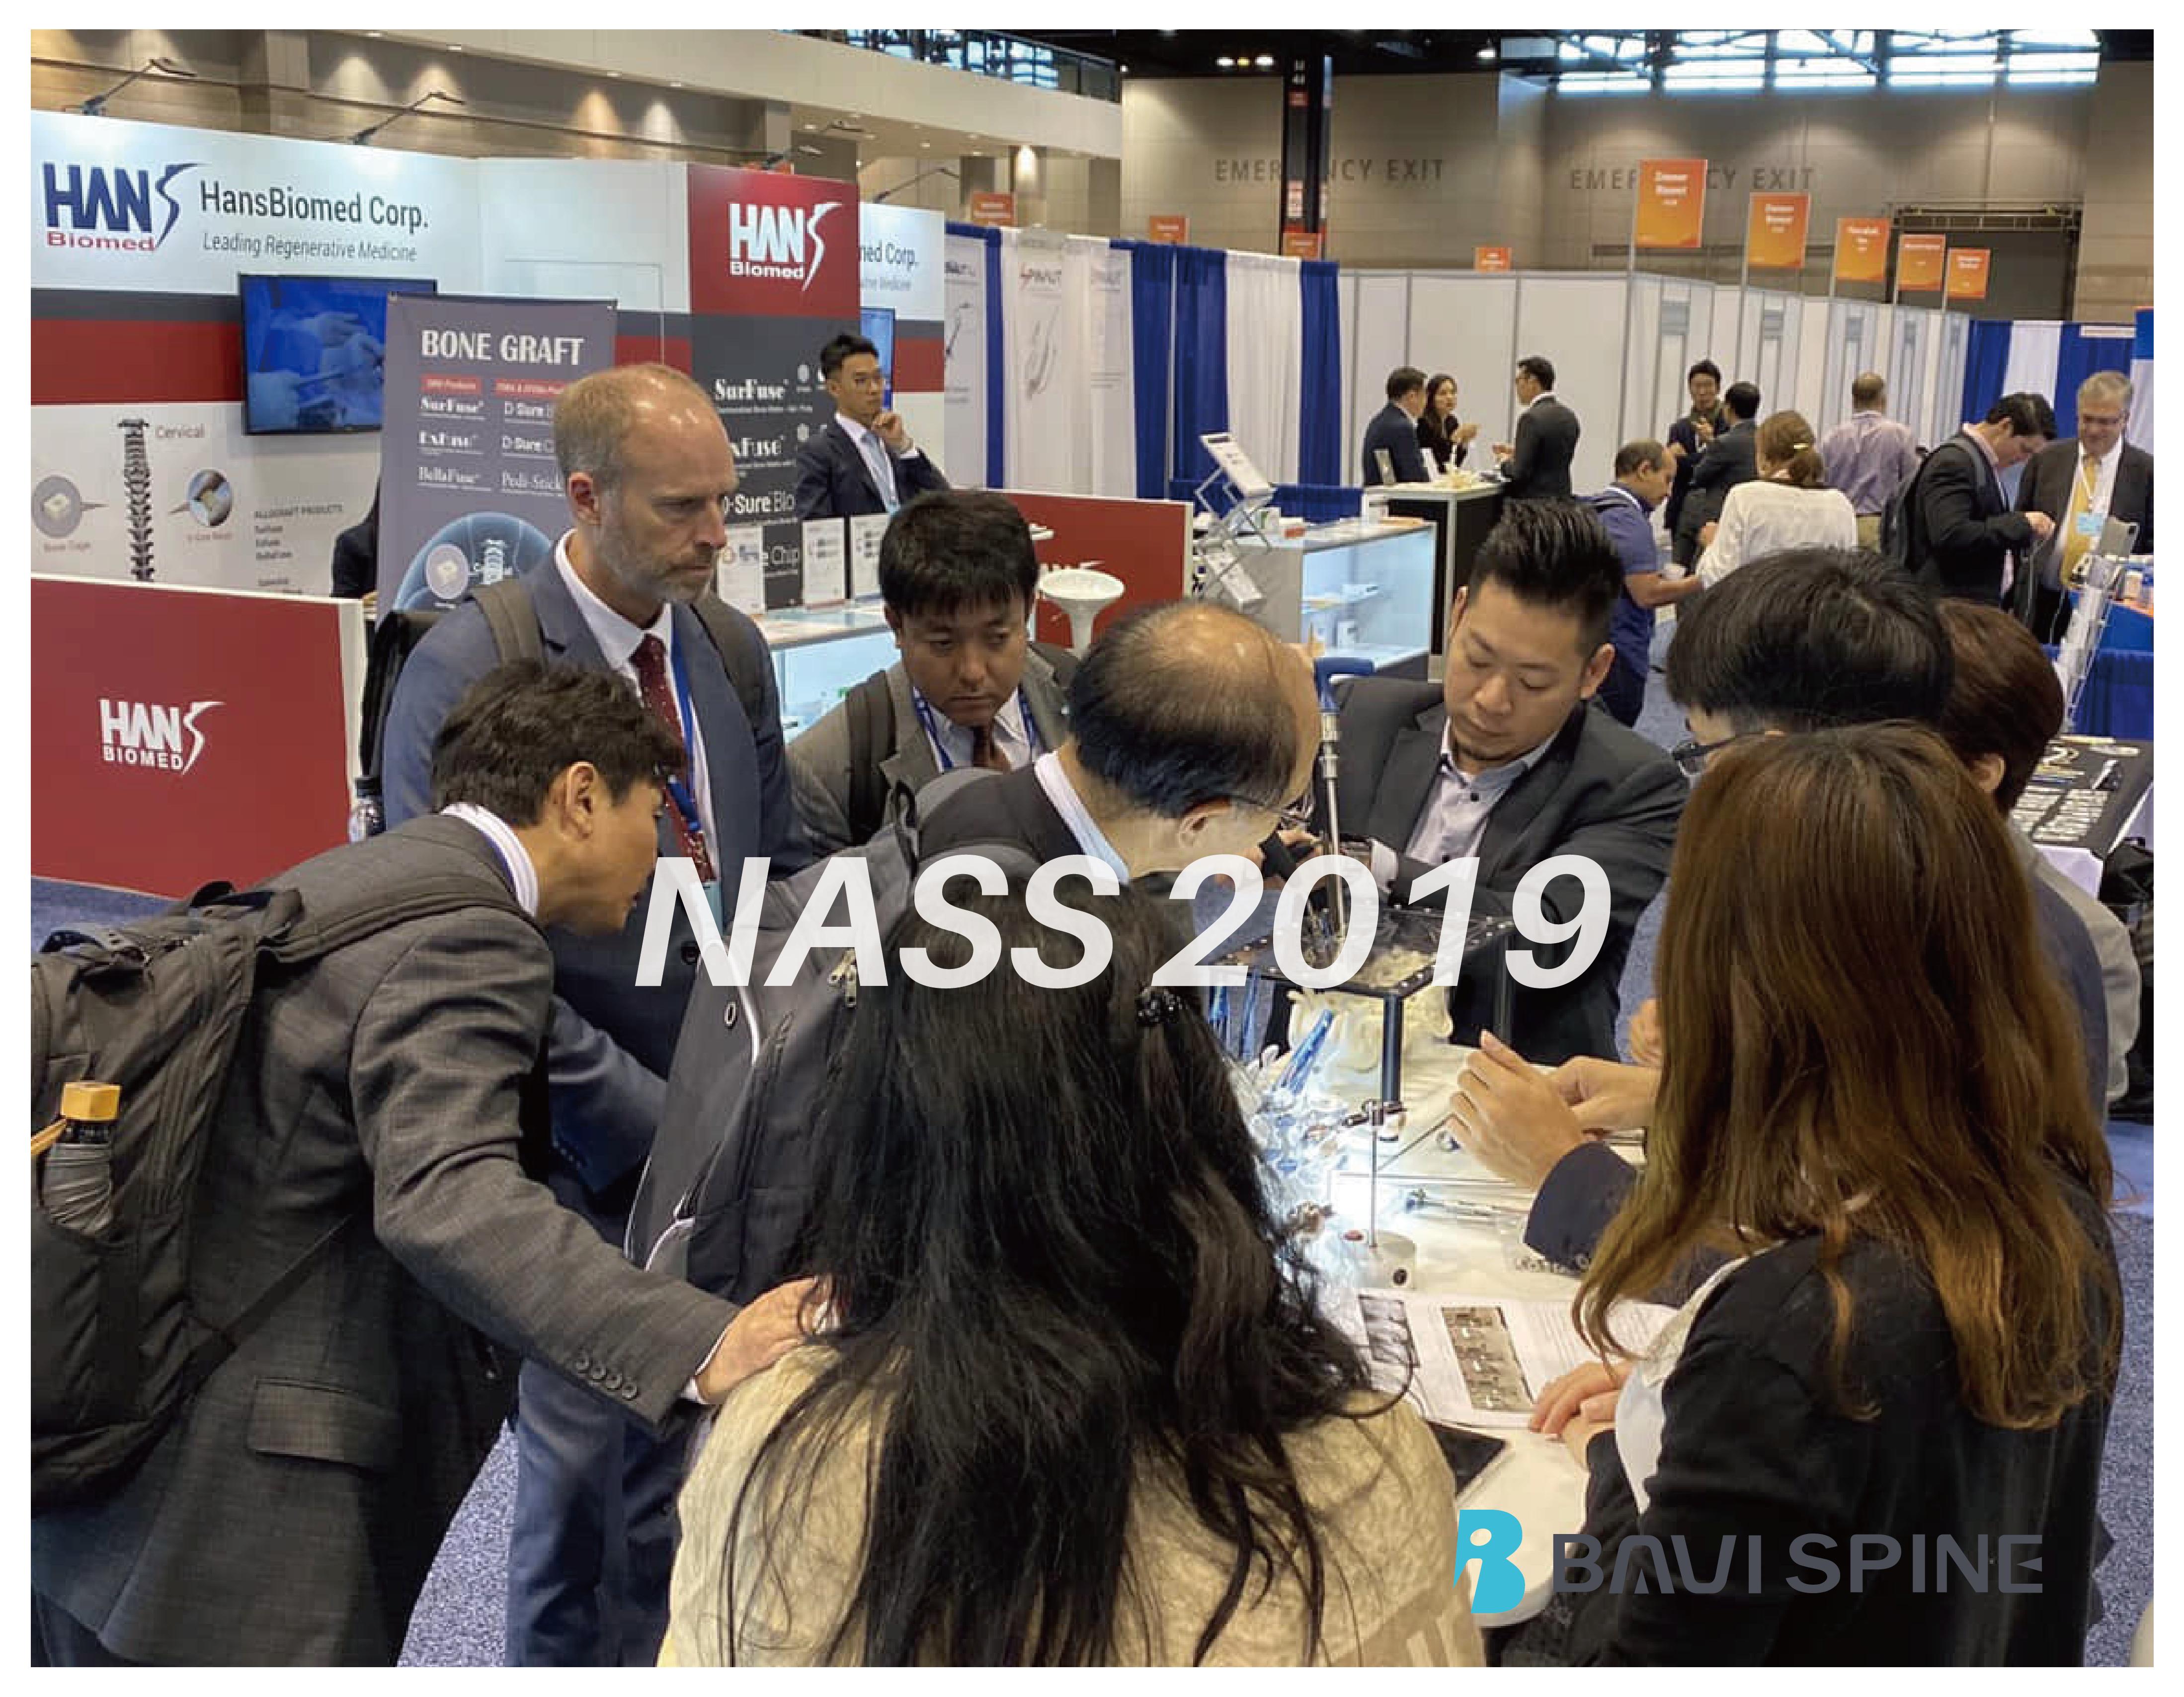 2019 NASS, Chicago